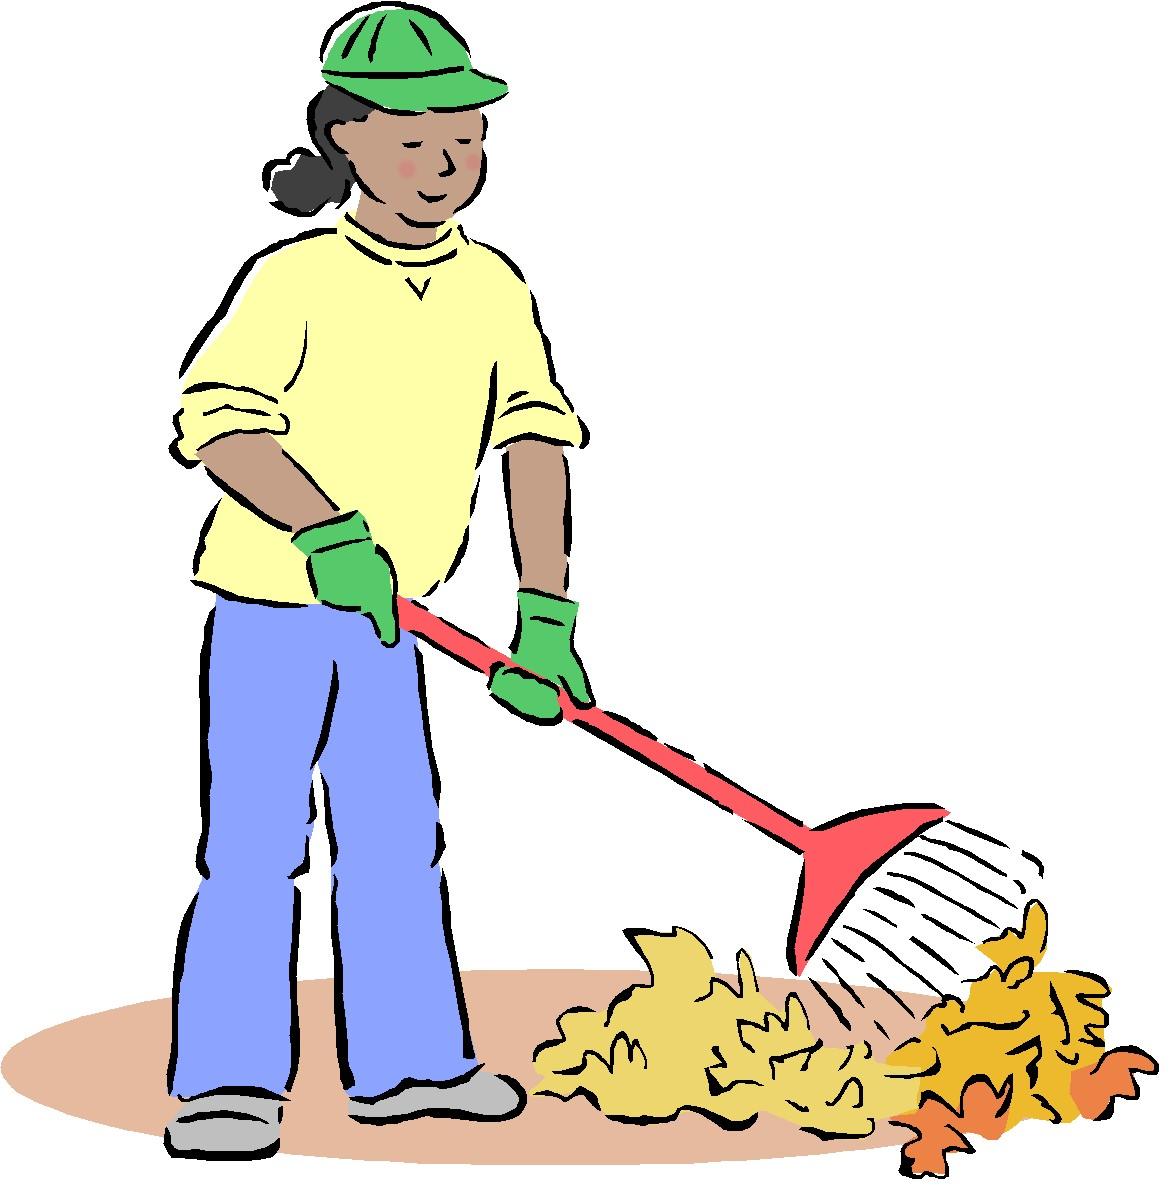 بحث عن النظافه ، بحث كامل عن النظافه جاهز بالتنسيق ، مقال عن النظافه